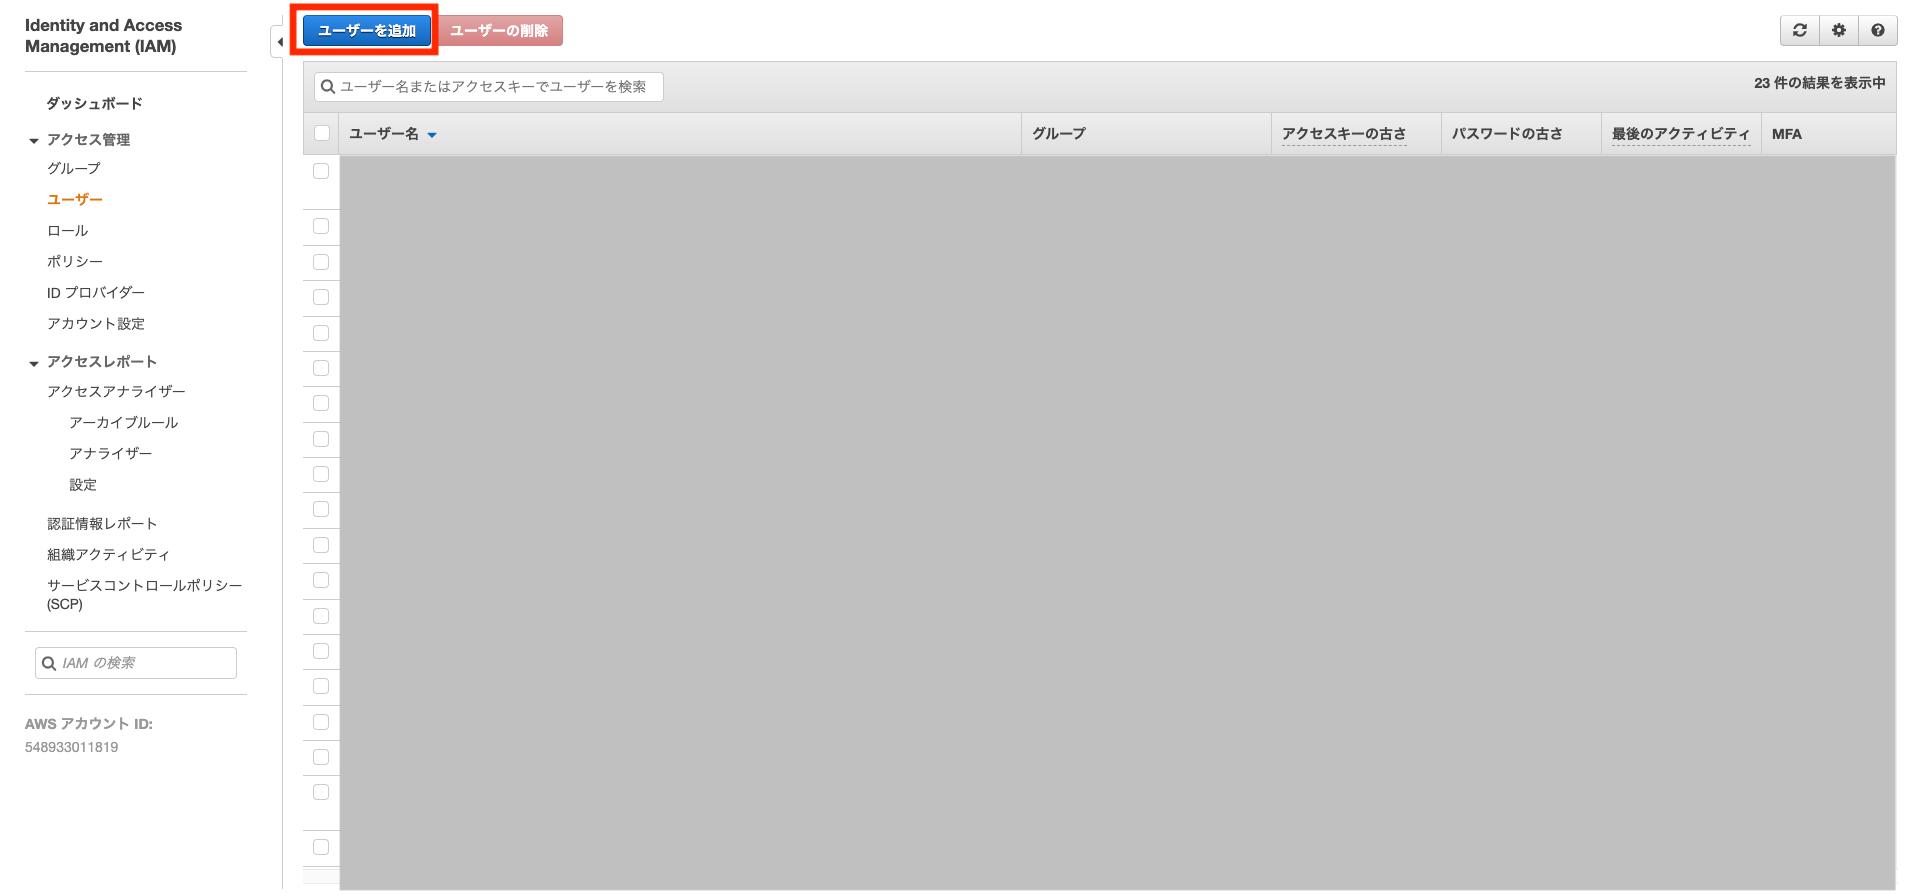 スクリーンショット 2020-05-23 19.05.16.png